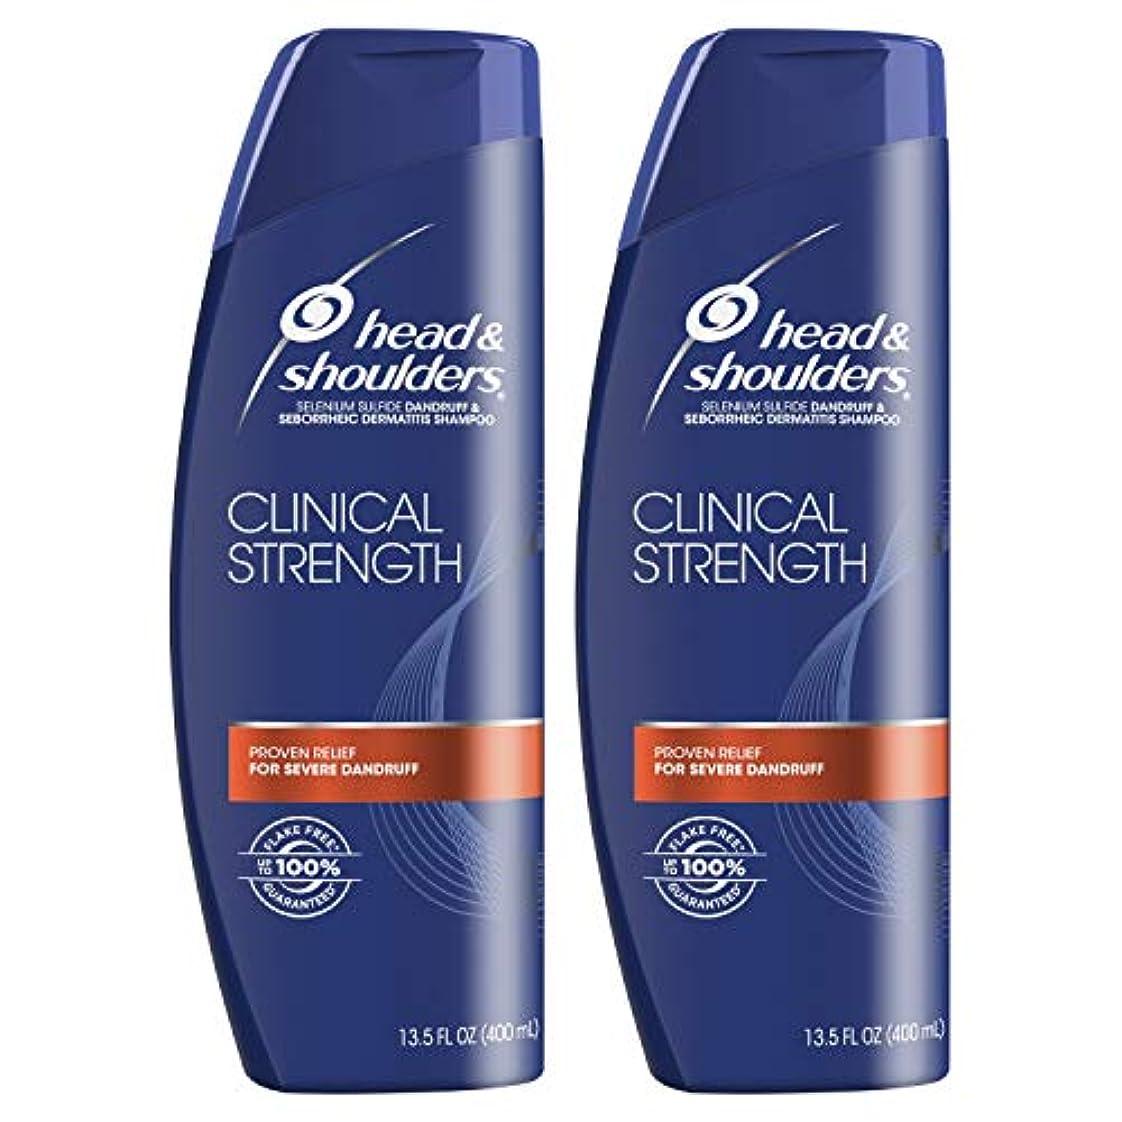 祈るきょうだい完璧なHead and Shoulders Clinical Strength Dandruff and Seborrheic Dermatitisシャンプー、13.5 FL OZ